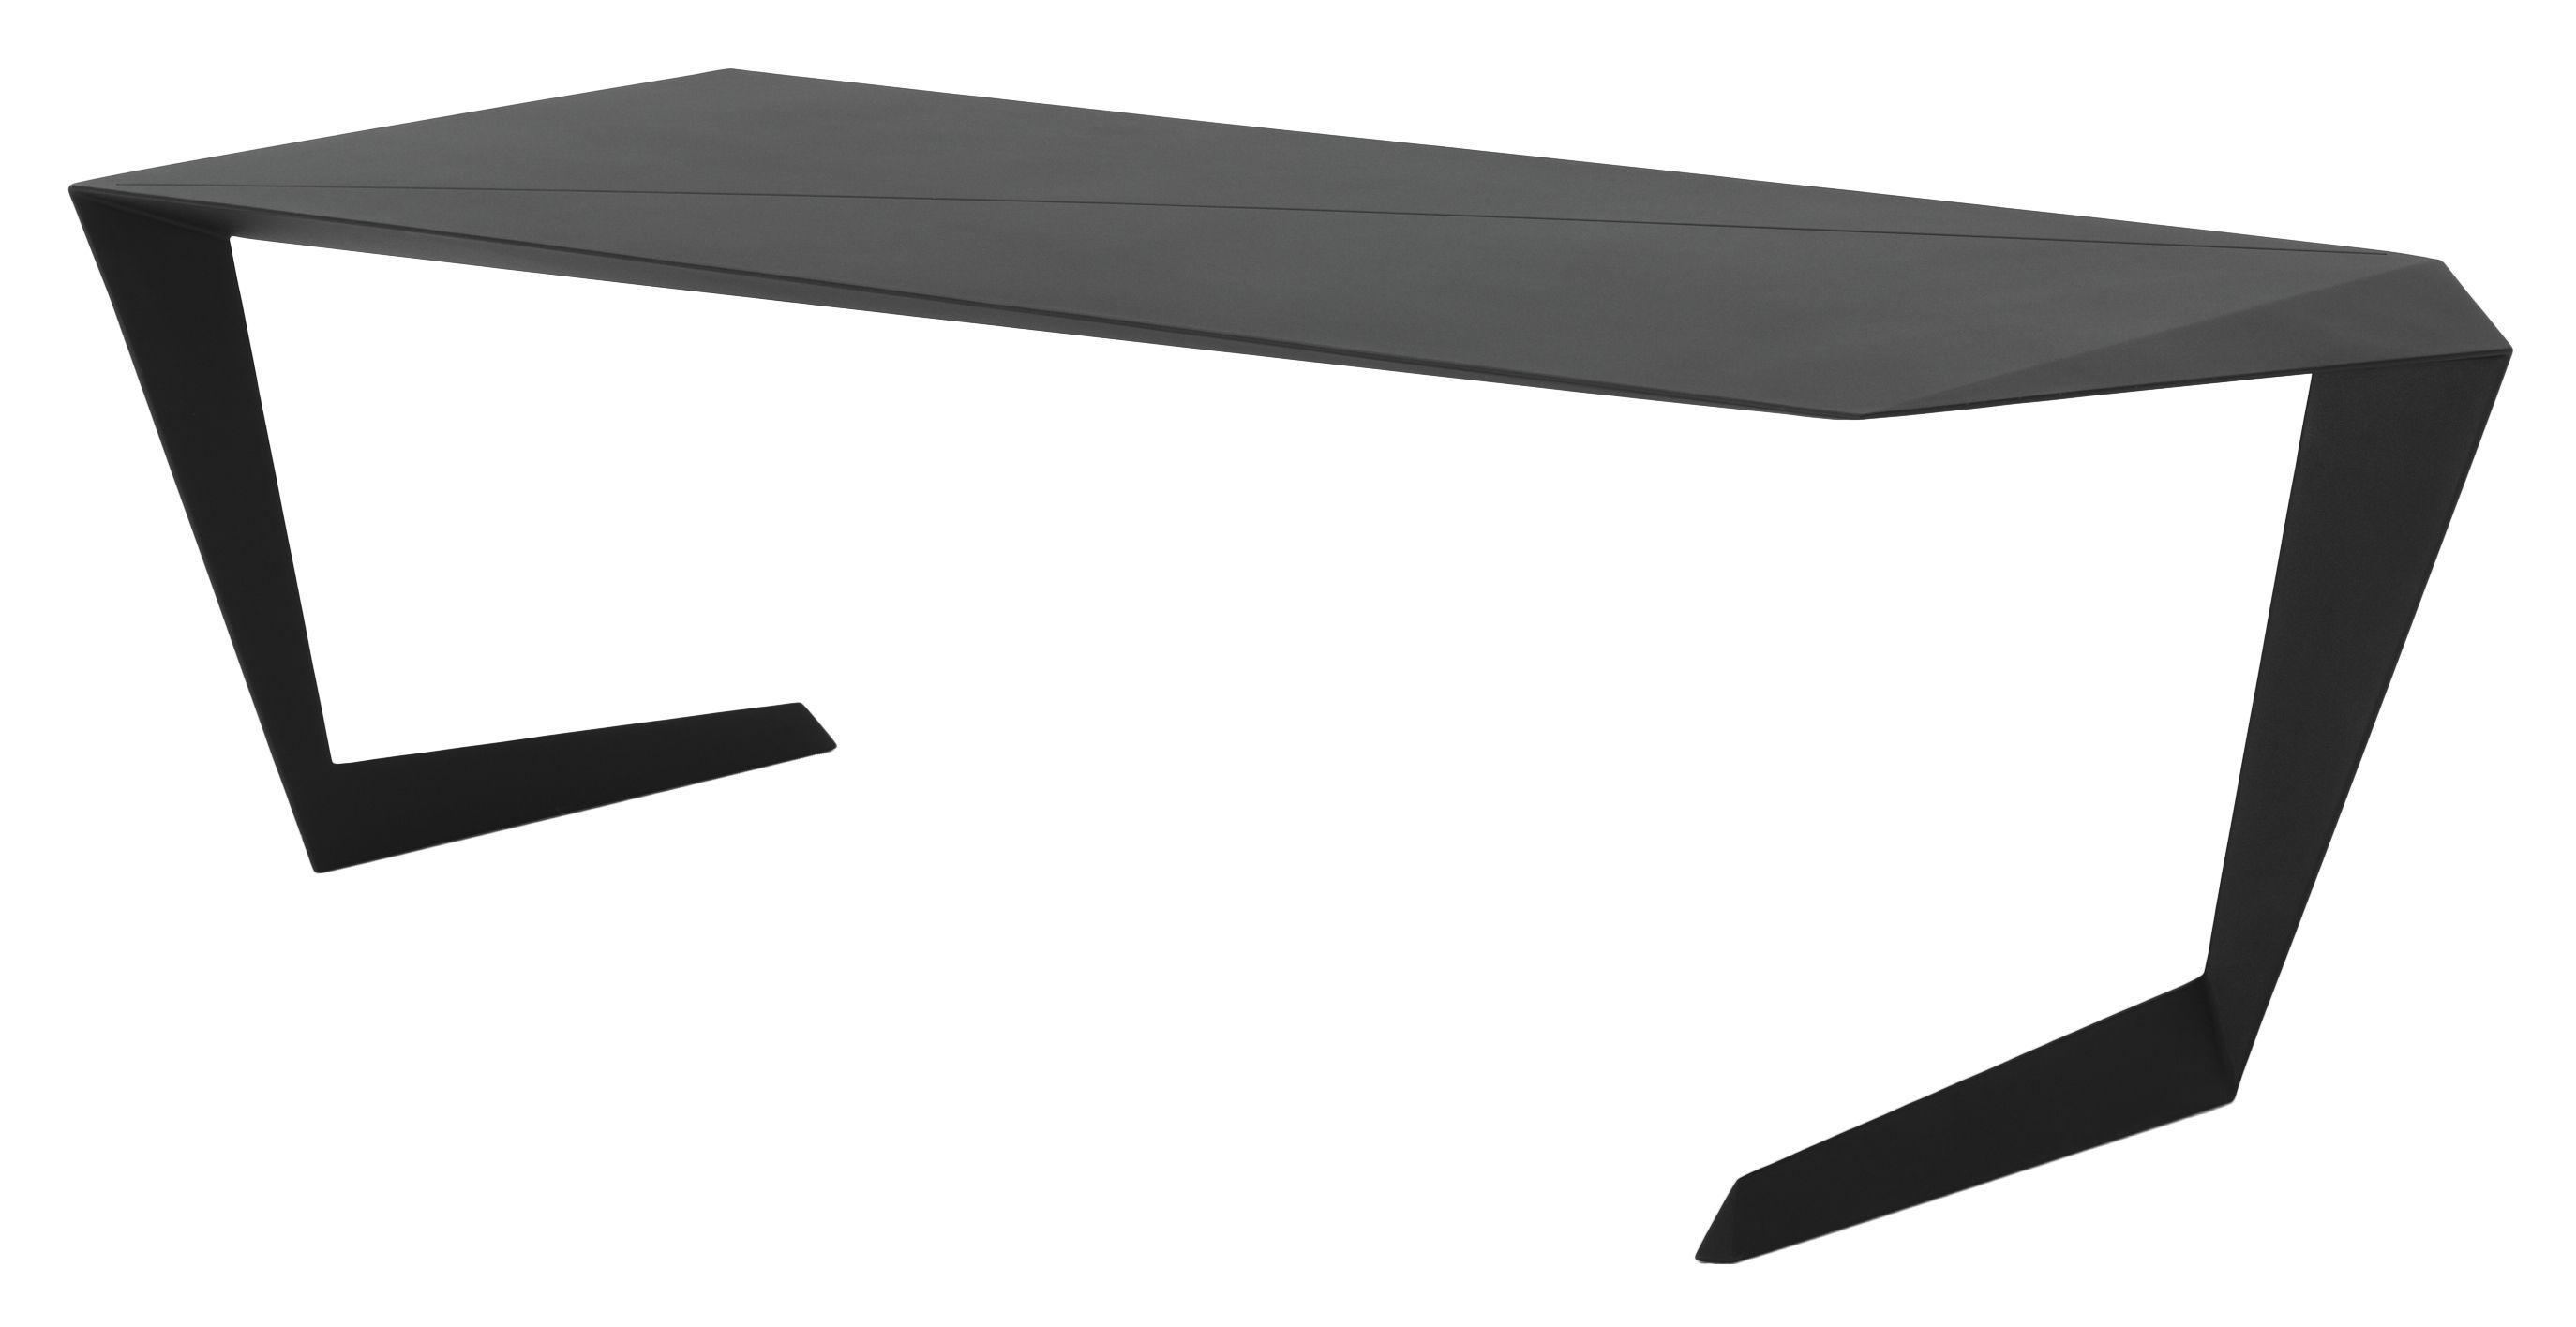 Arredamento - Mobili da ufficio - Tavolo N-7 di Casamania - Nero - alluminio verniciato